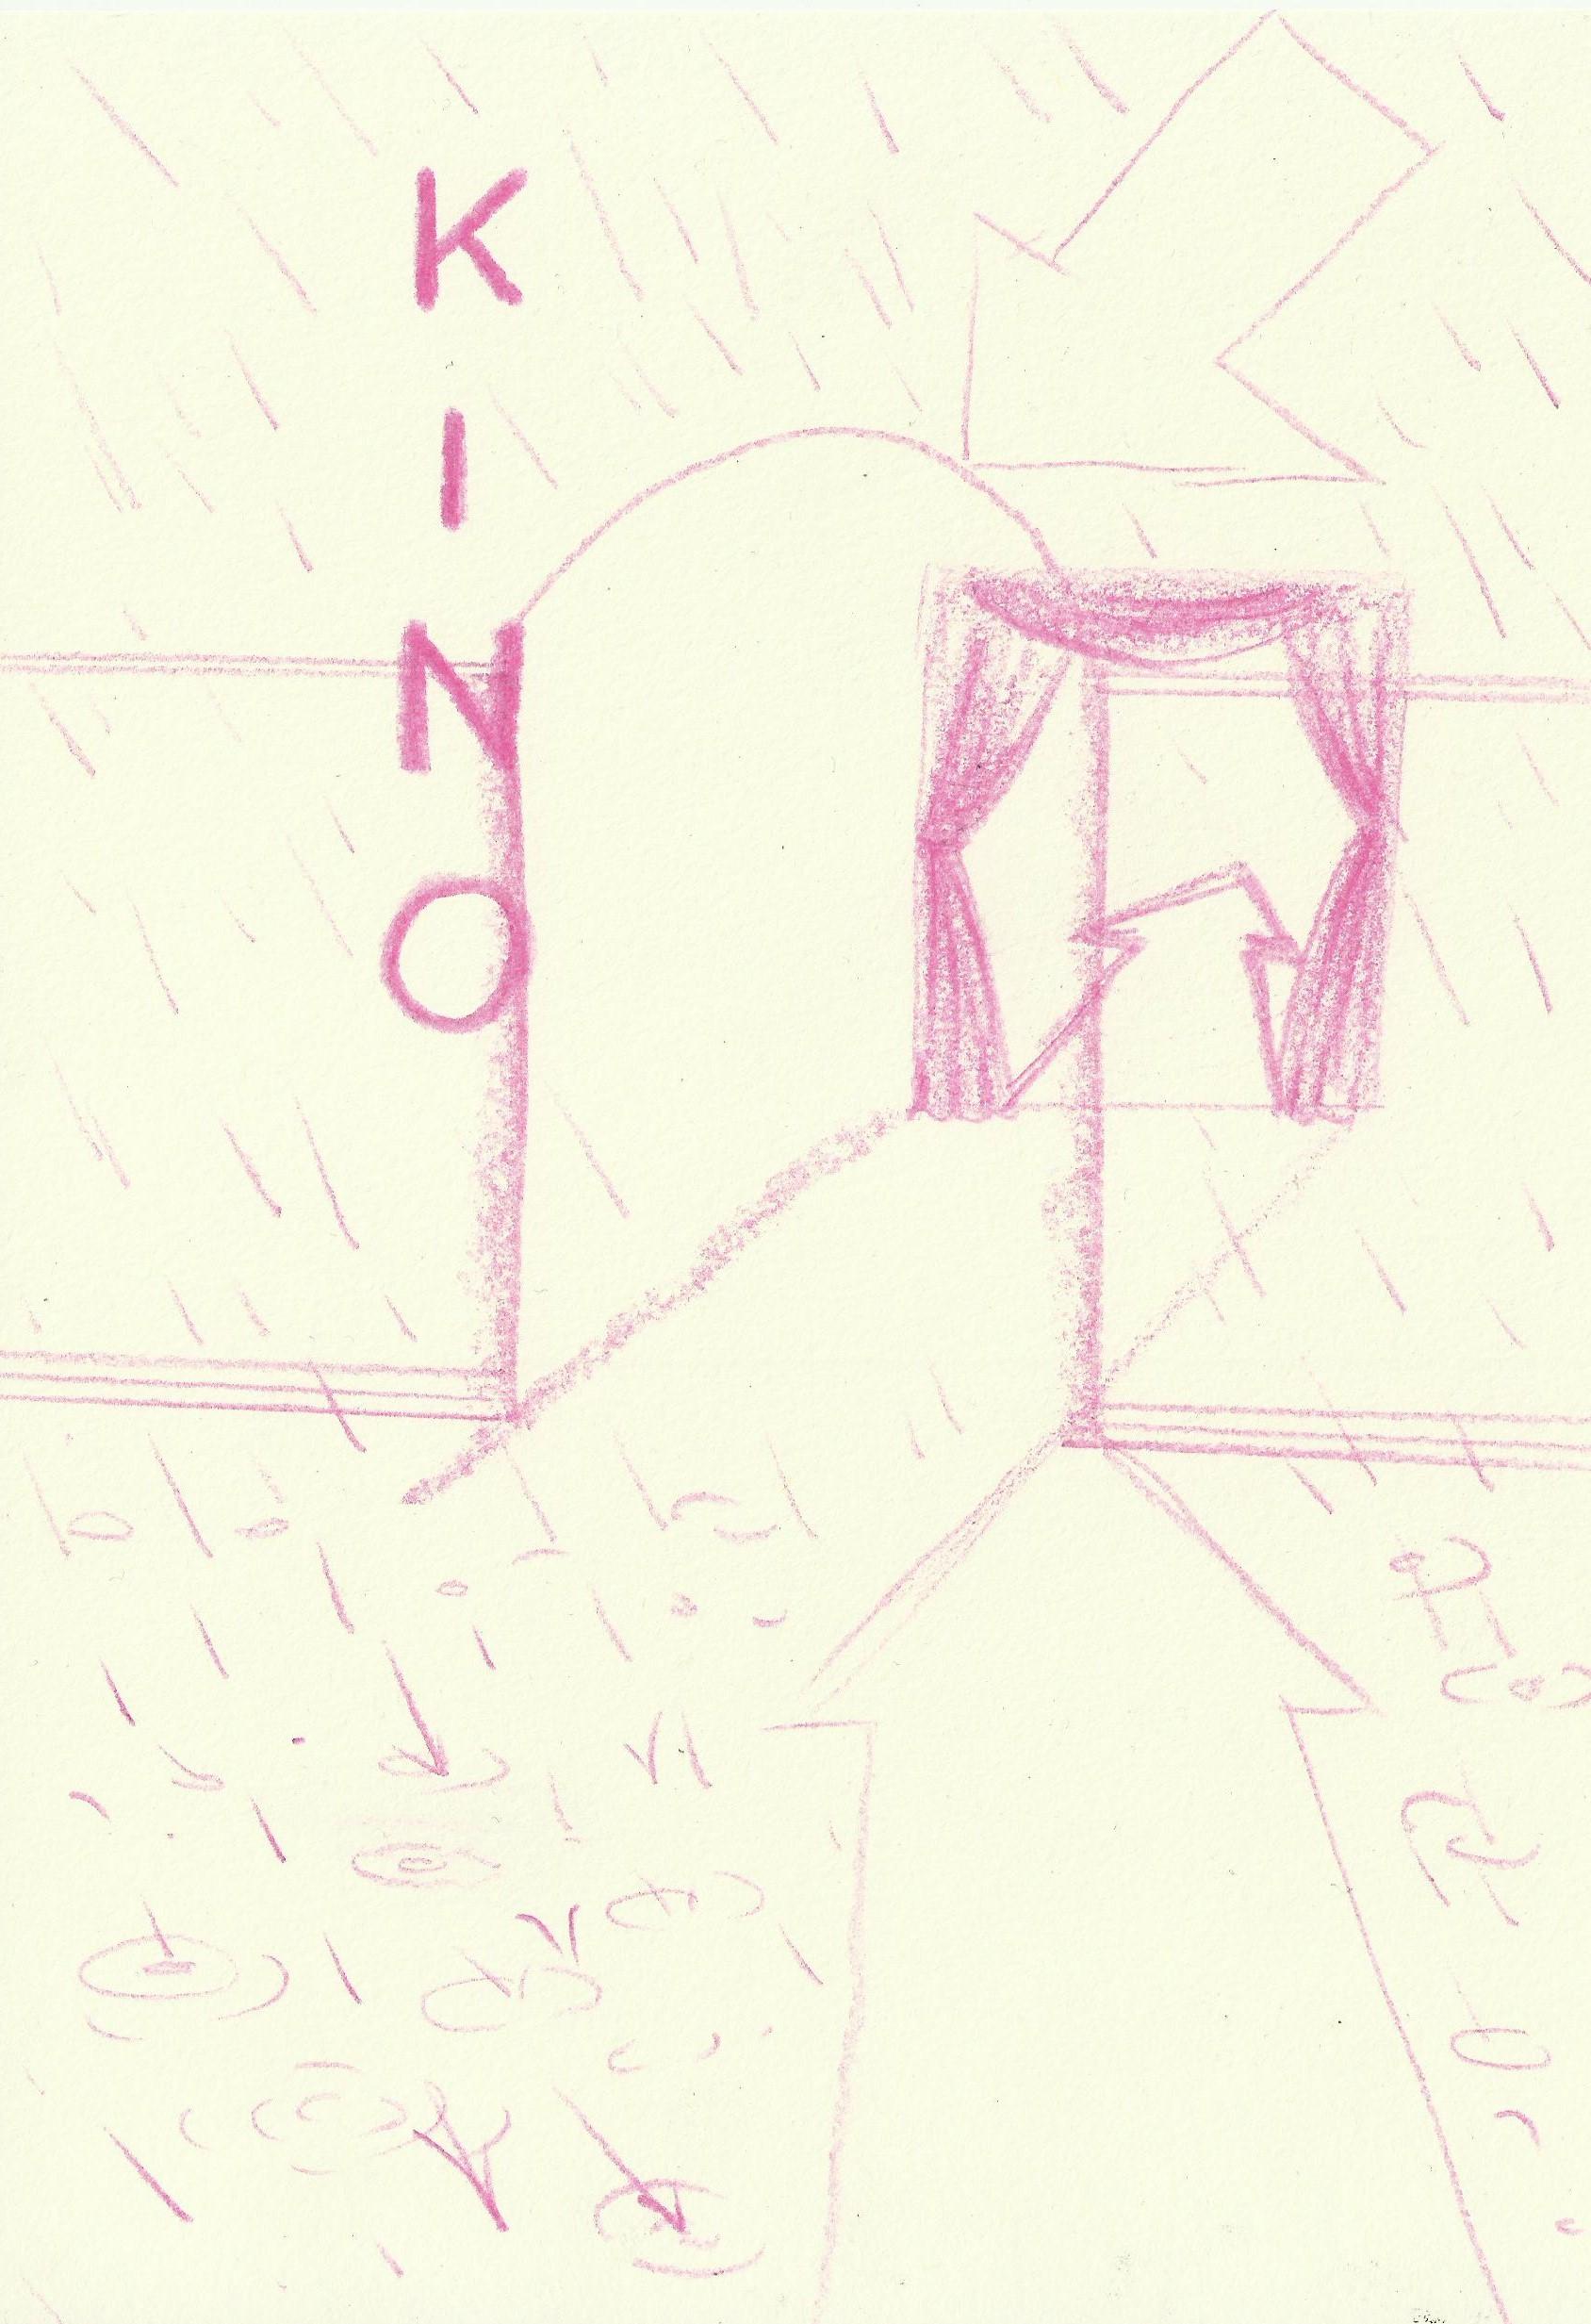 Kino on a rainy day